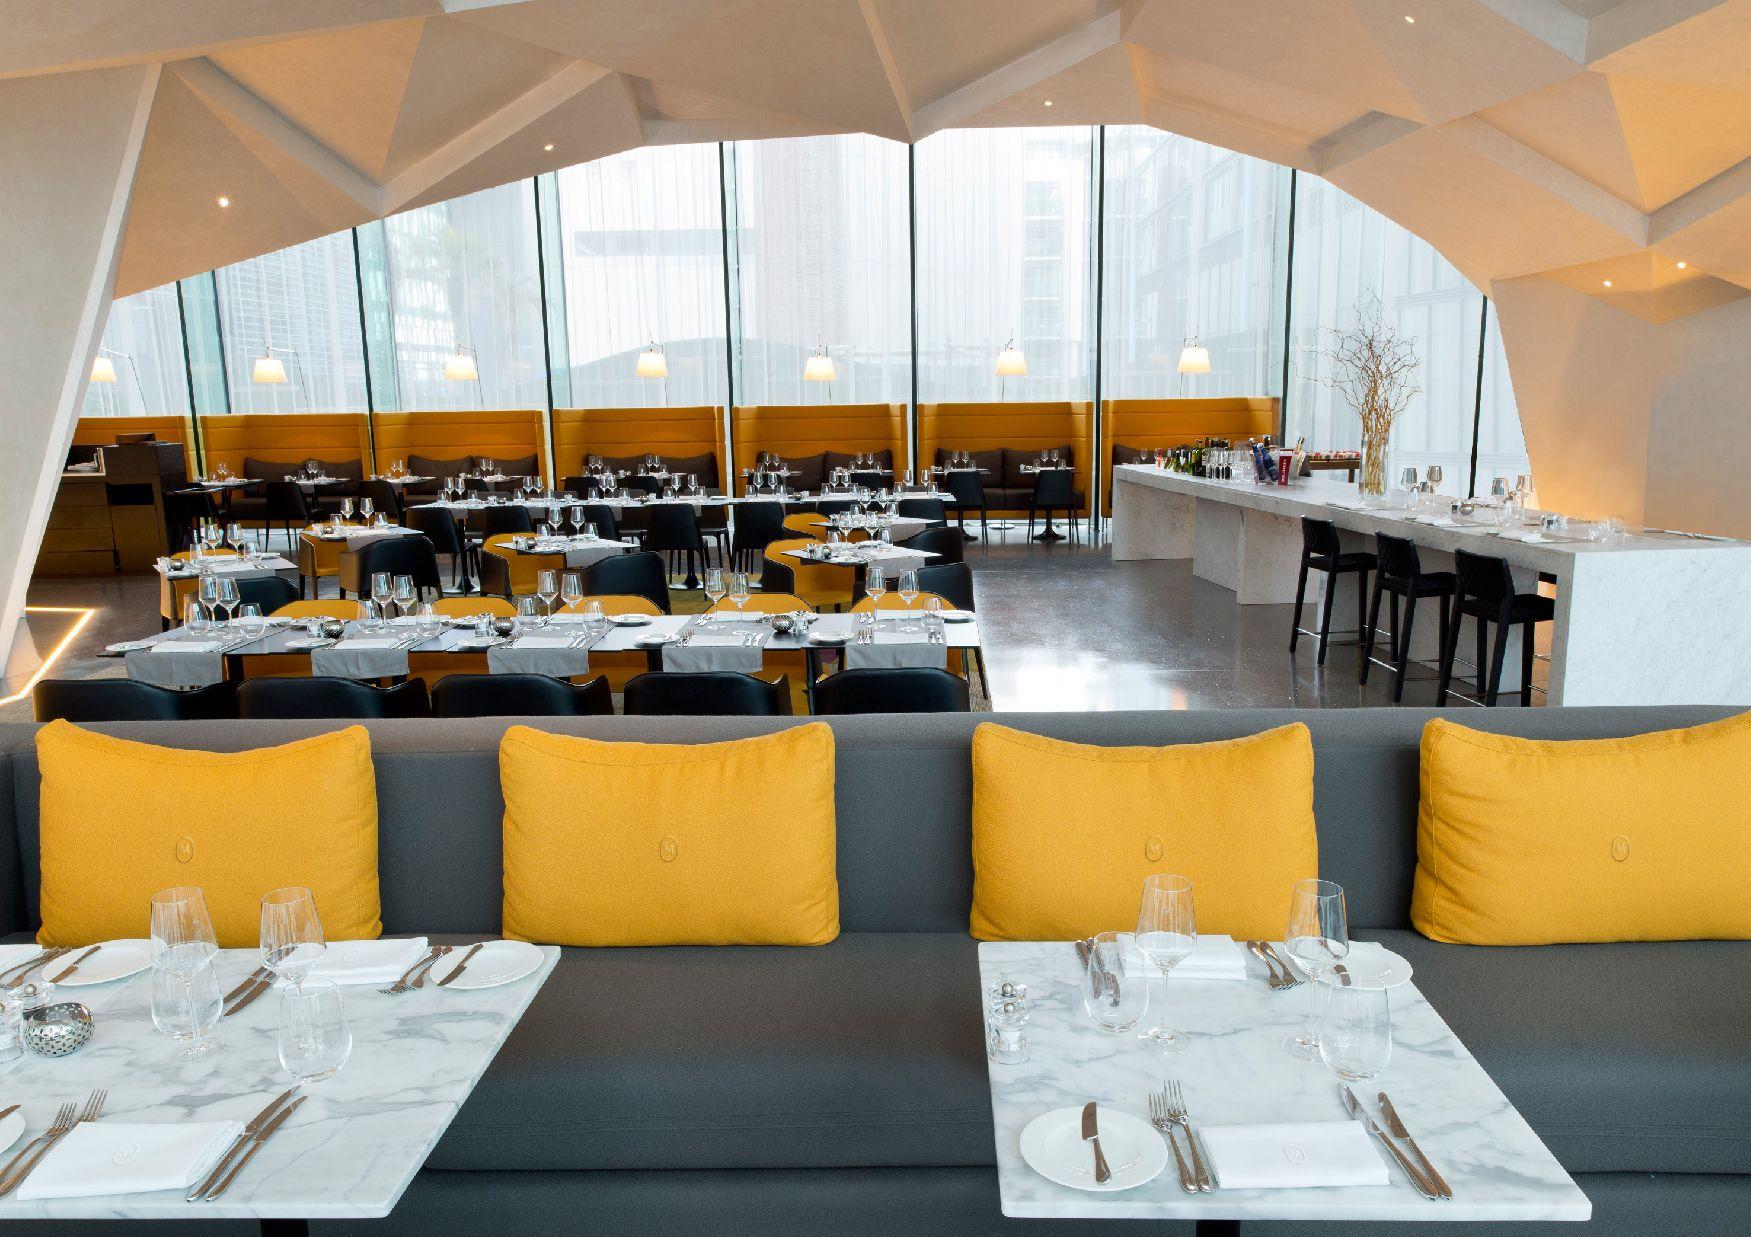 The Marker Restaurant